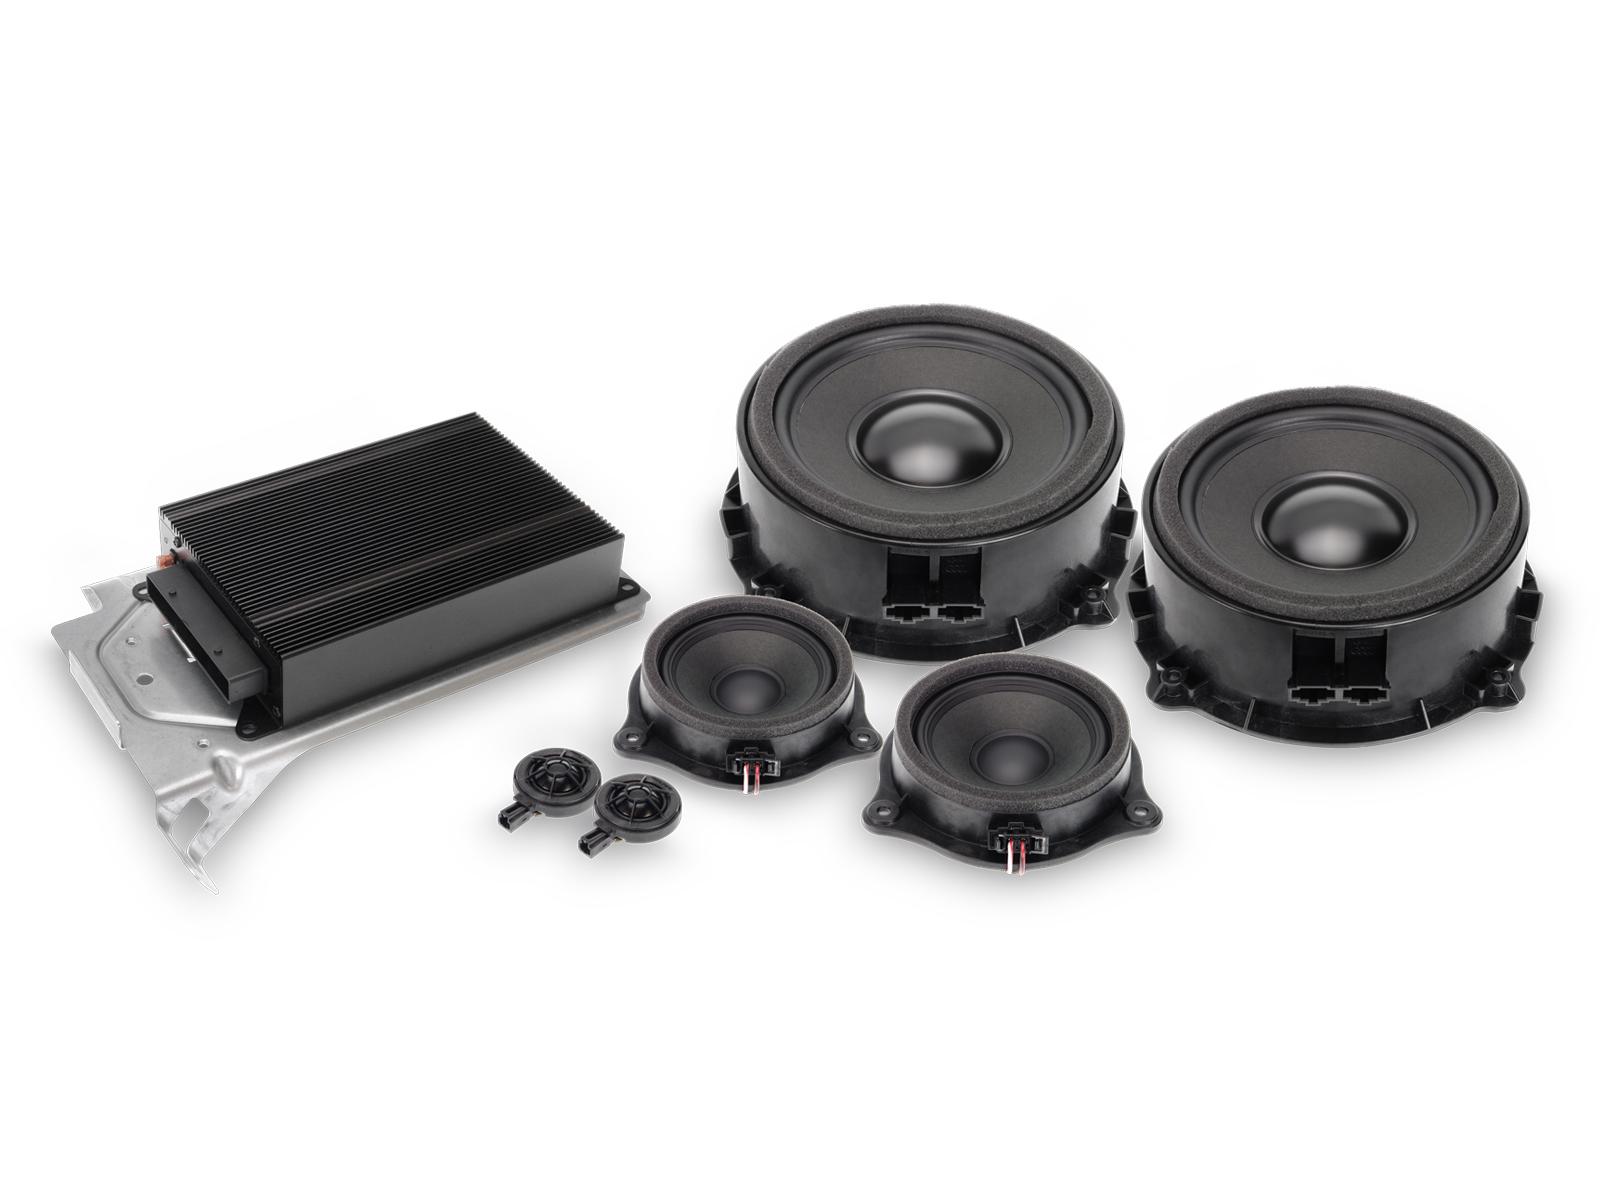 Alpine SPC-400TT Premium Austausch-Lautsprechersystem 3-Wege für Audi TT (8J)